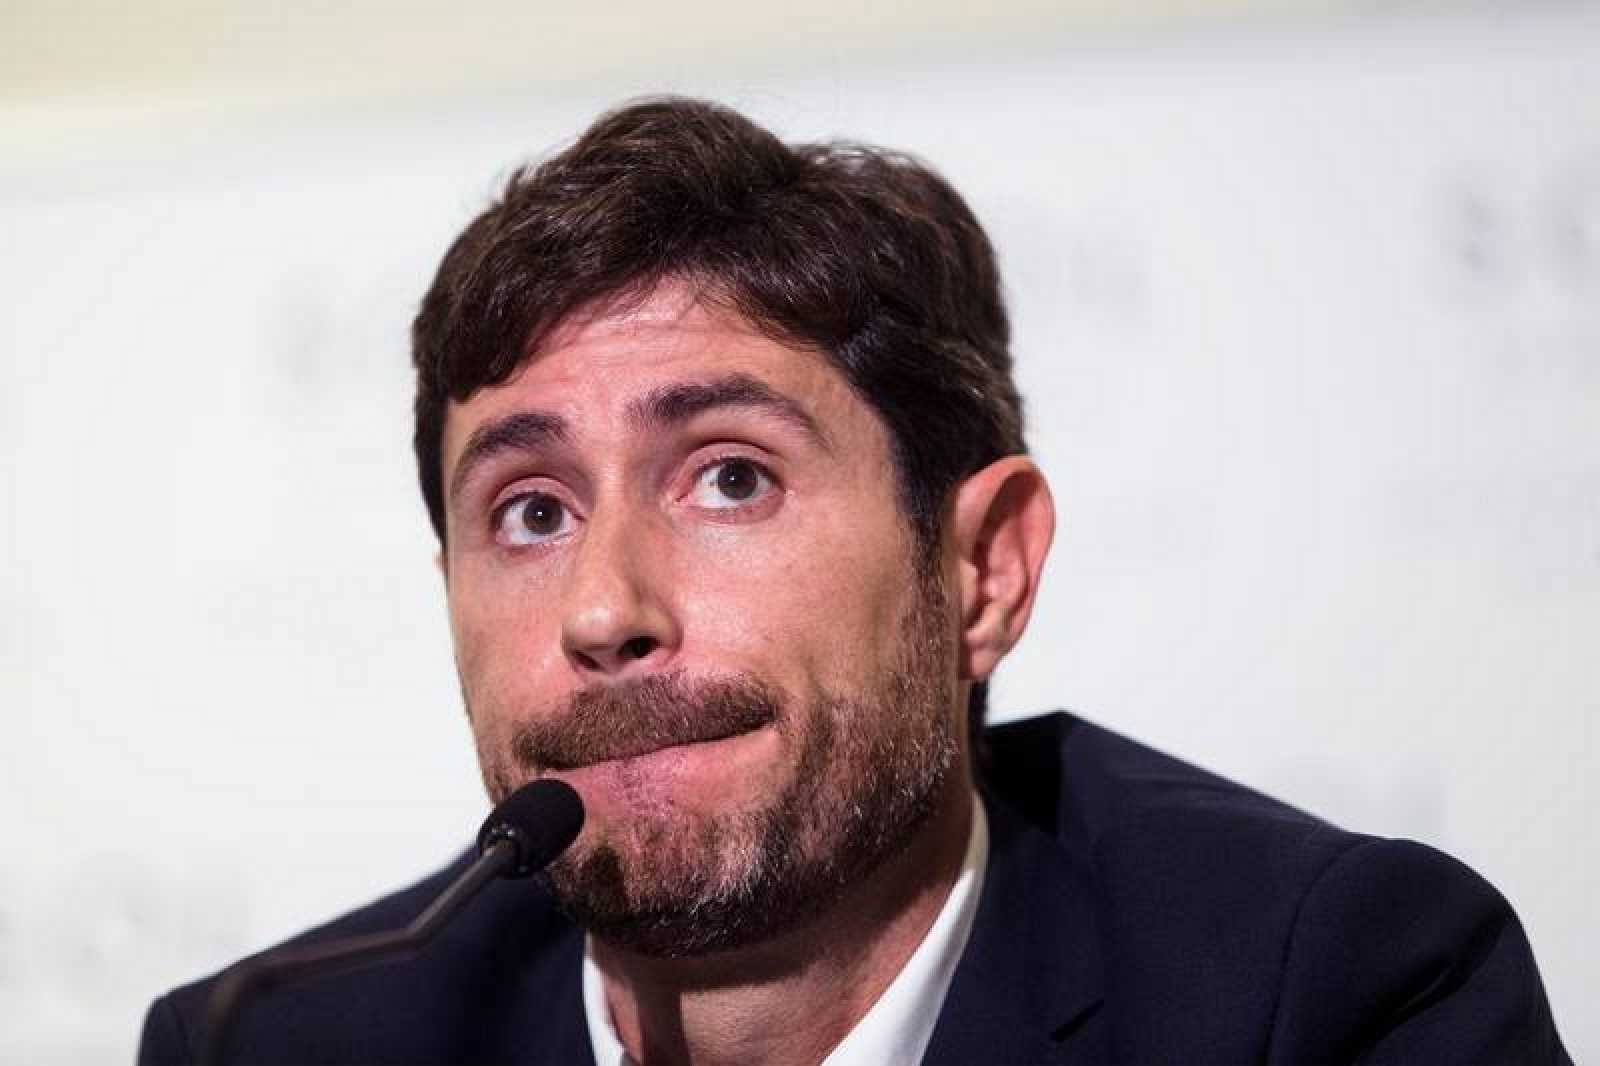 El exentrenador del Málaga Víctor Sánchez del Amo durante una rueda de prensa.